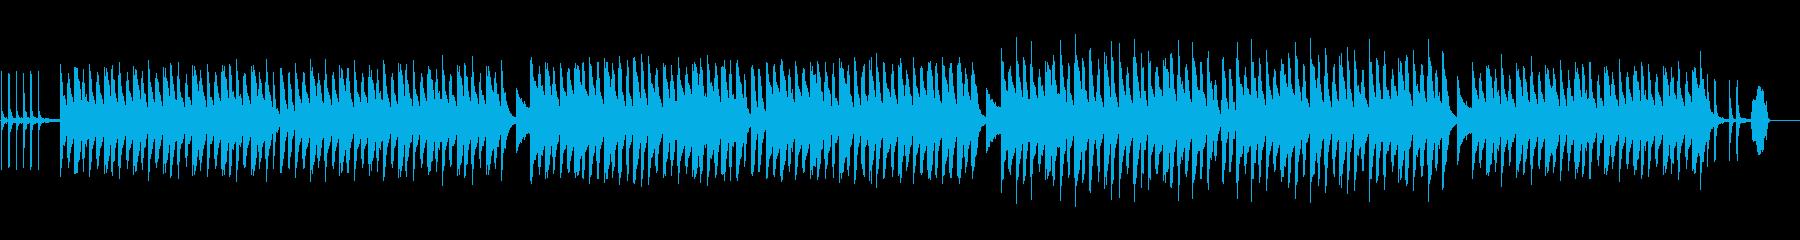 脱力感のある虚無な日常劇伴BGMの再生済みの波形